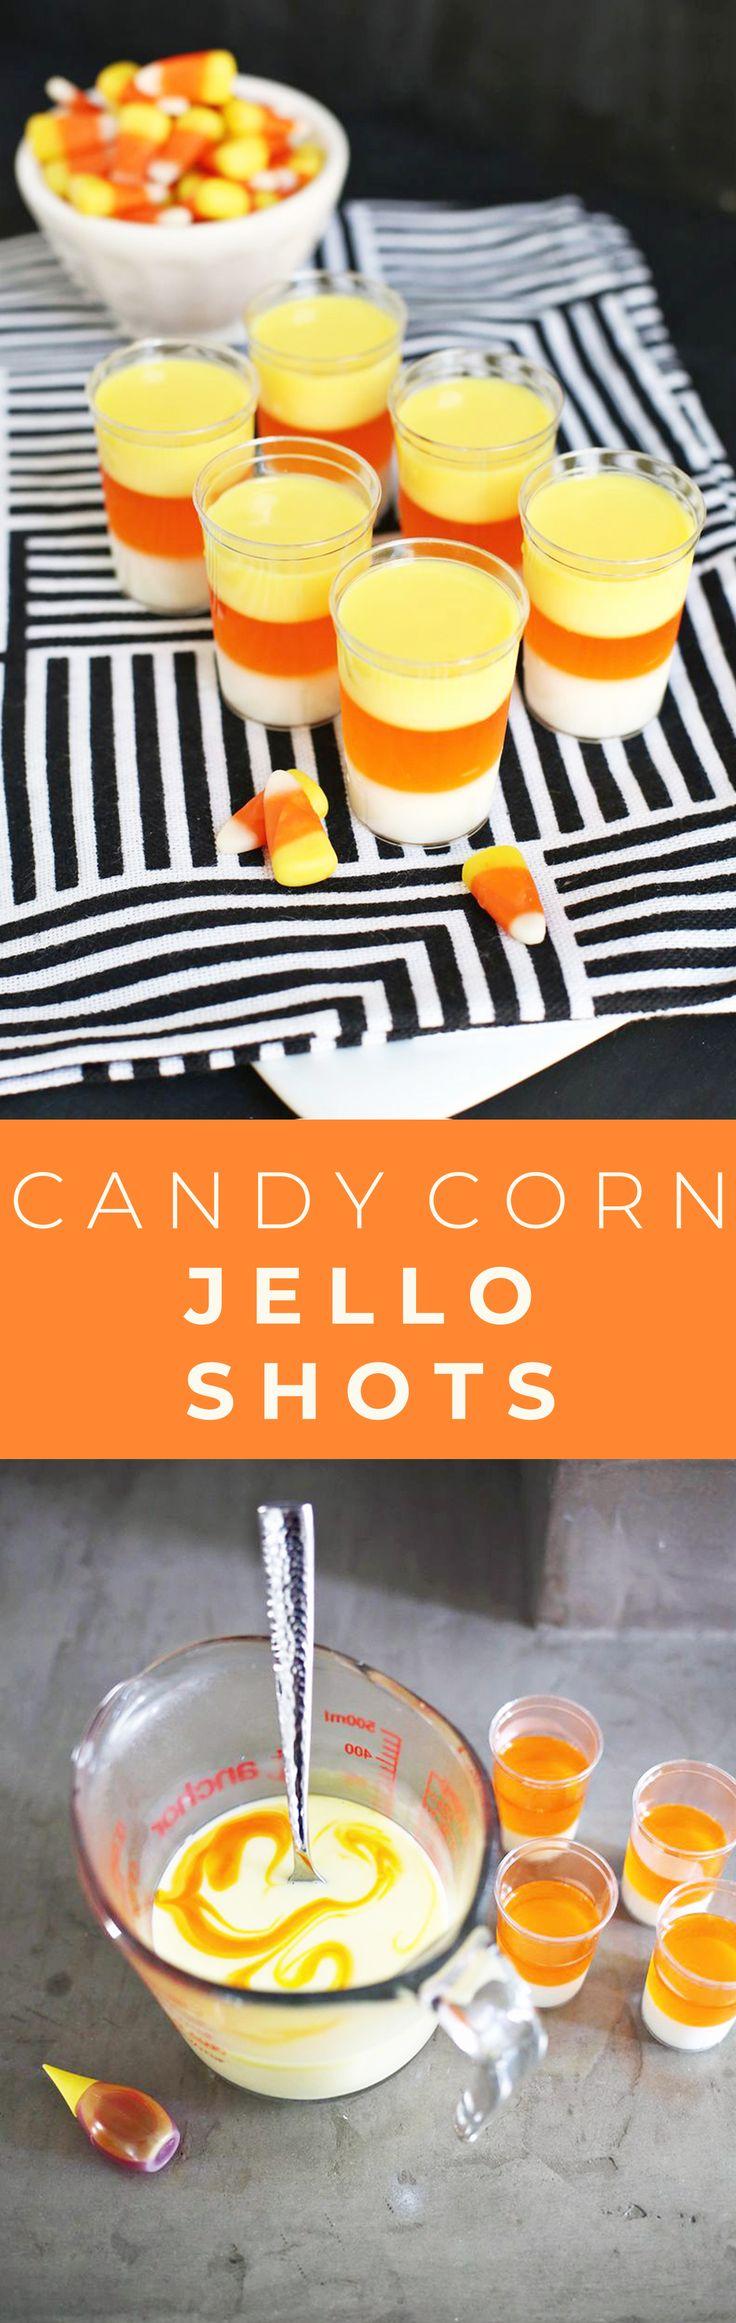 Candy corn jello shot recipe!